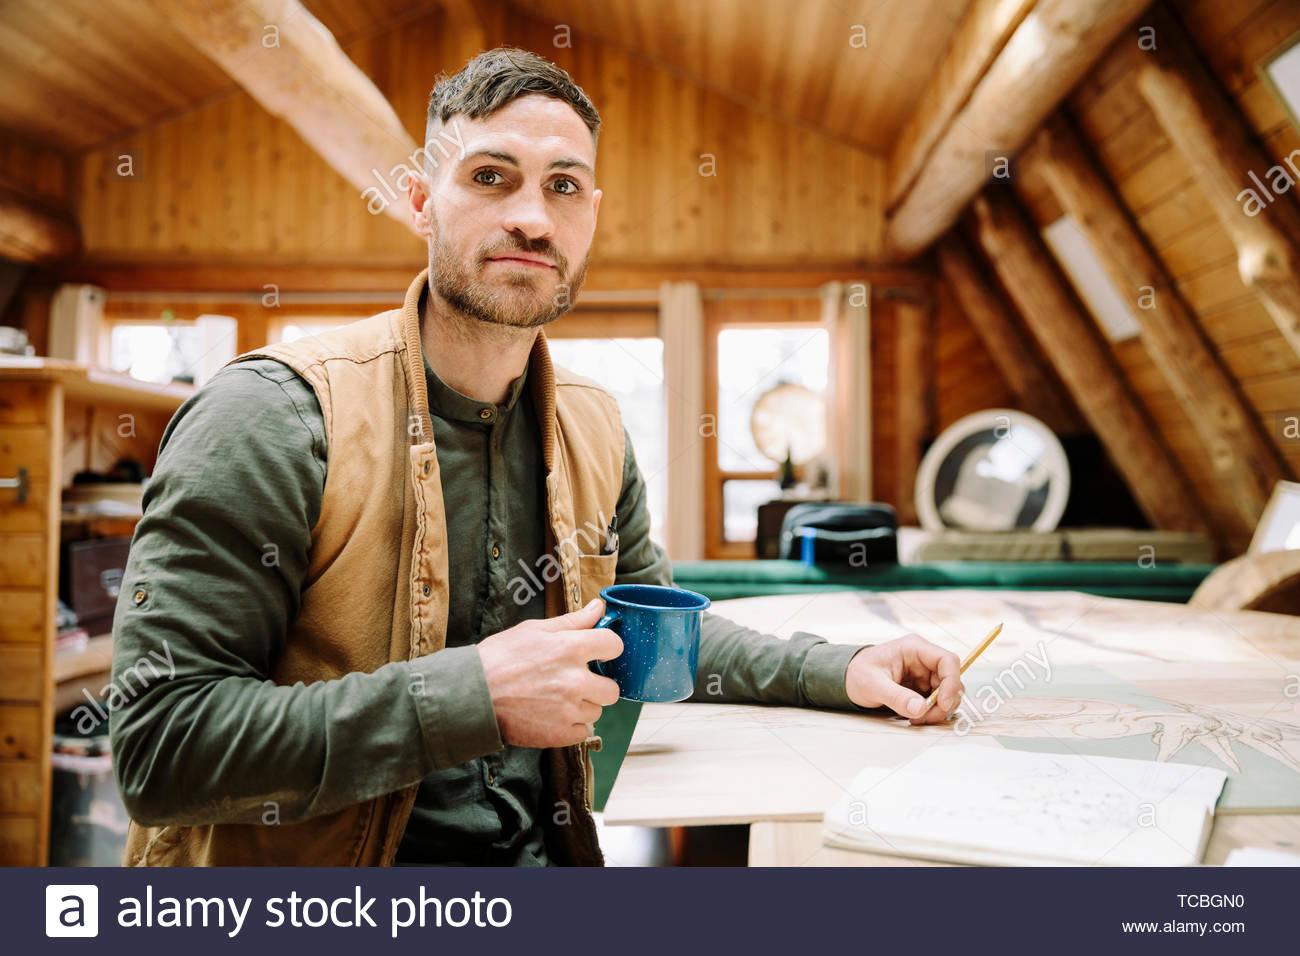 Retrato de dibujo y artista masculino seguro beber café en la mesa de cabina Imagen De Stock